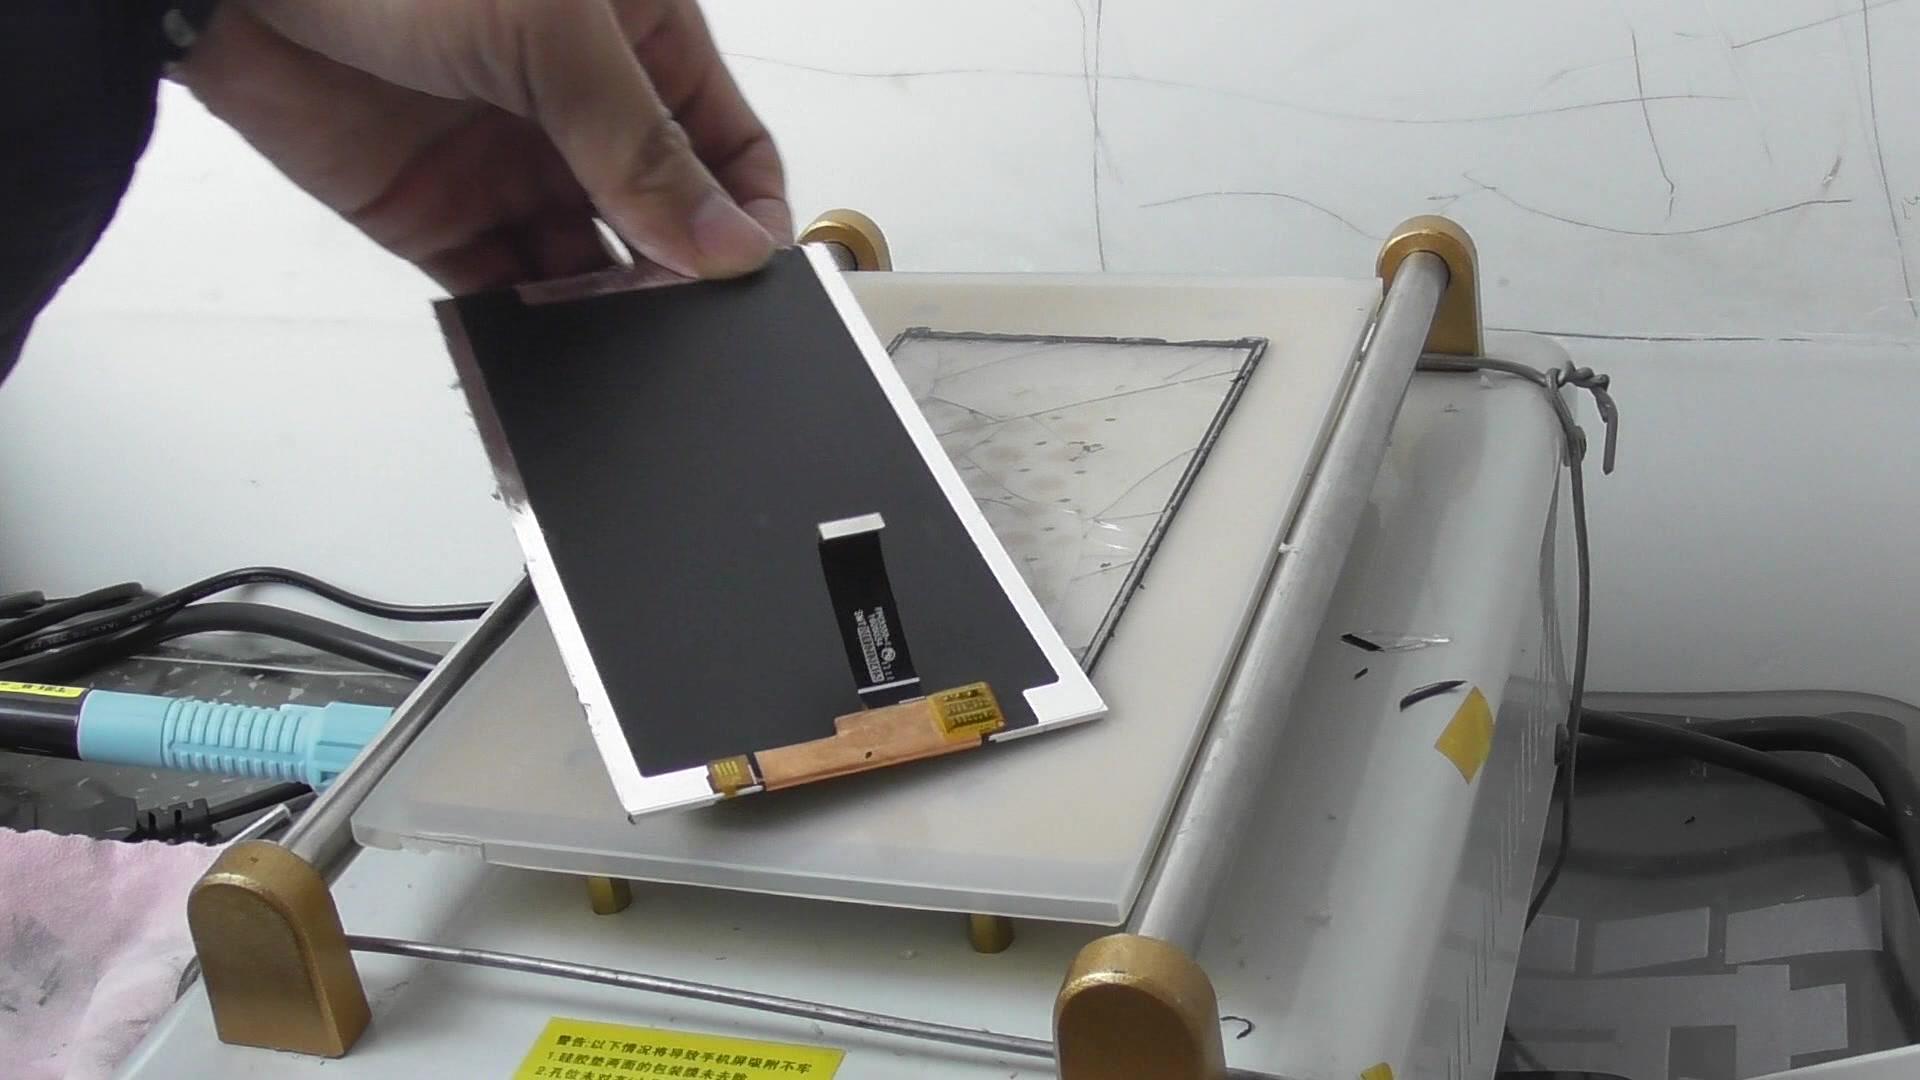 魅蓝e2屏幕摔碎了,快来换个手机外屏,便宜又好用